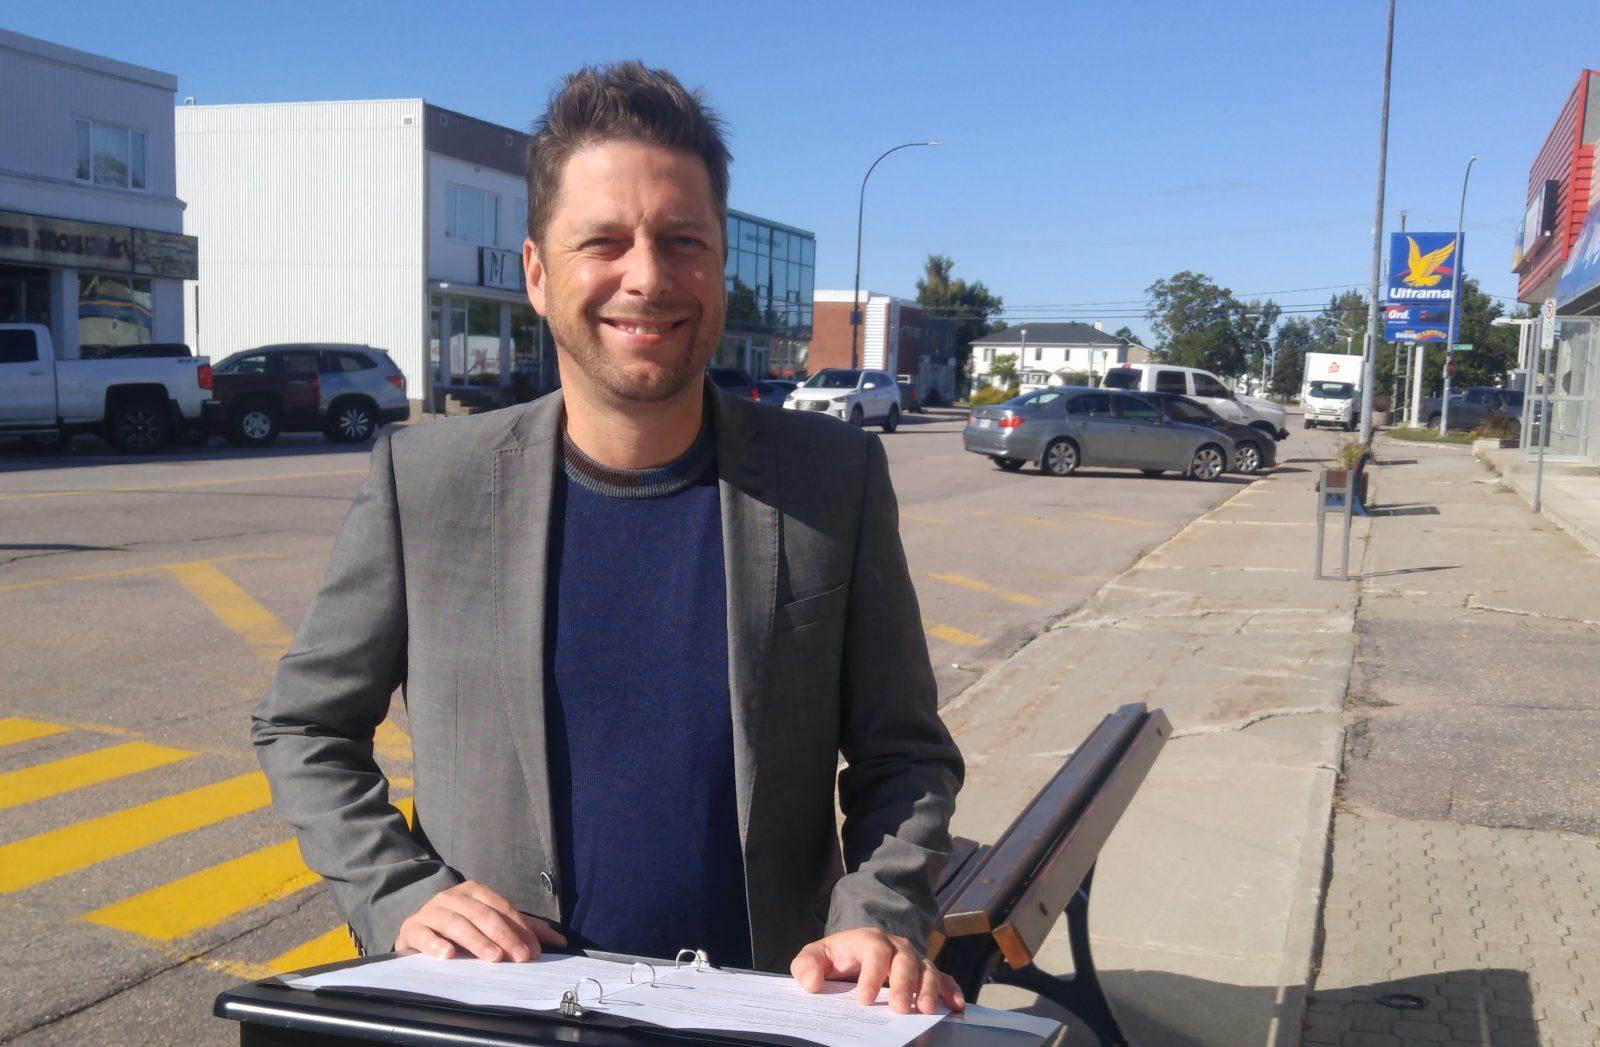 Pandémie et relance économique interpellent le député Ouellet